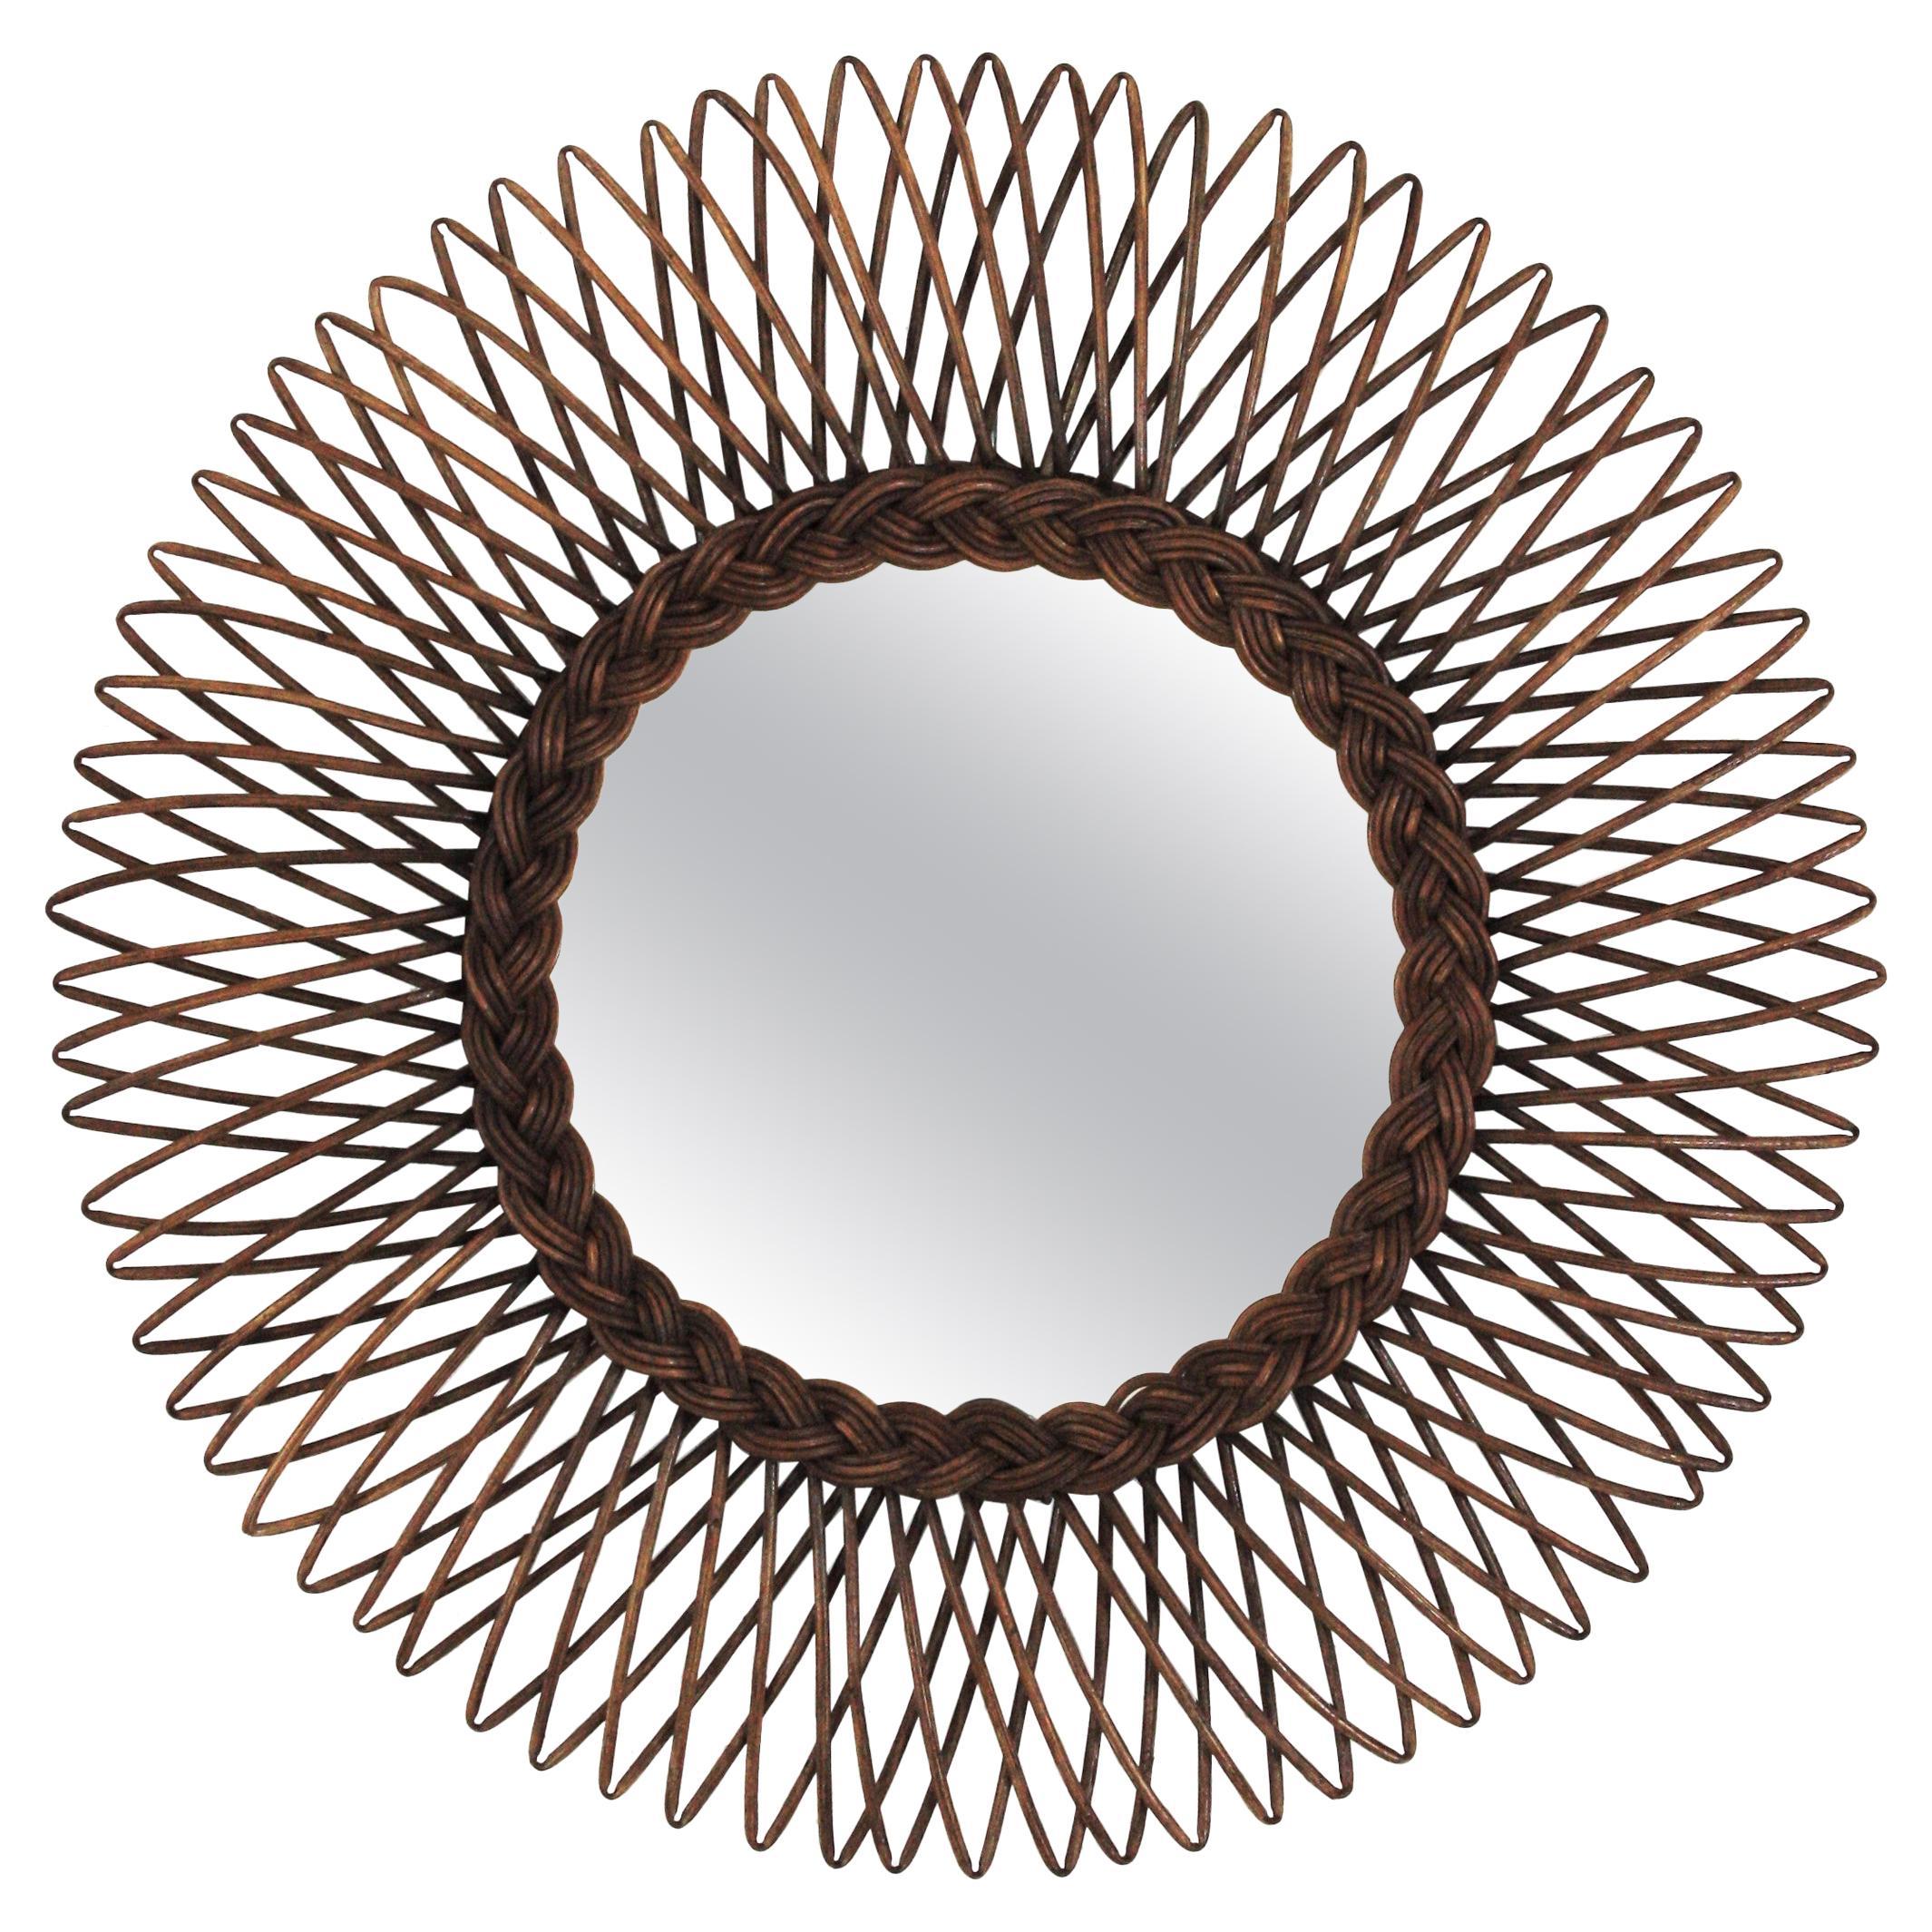 Rattan Mirror / Sunburst Braided Mirror